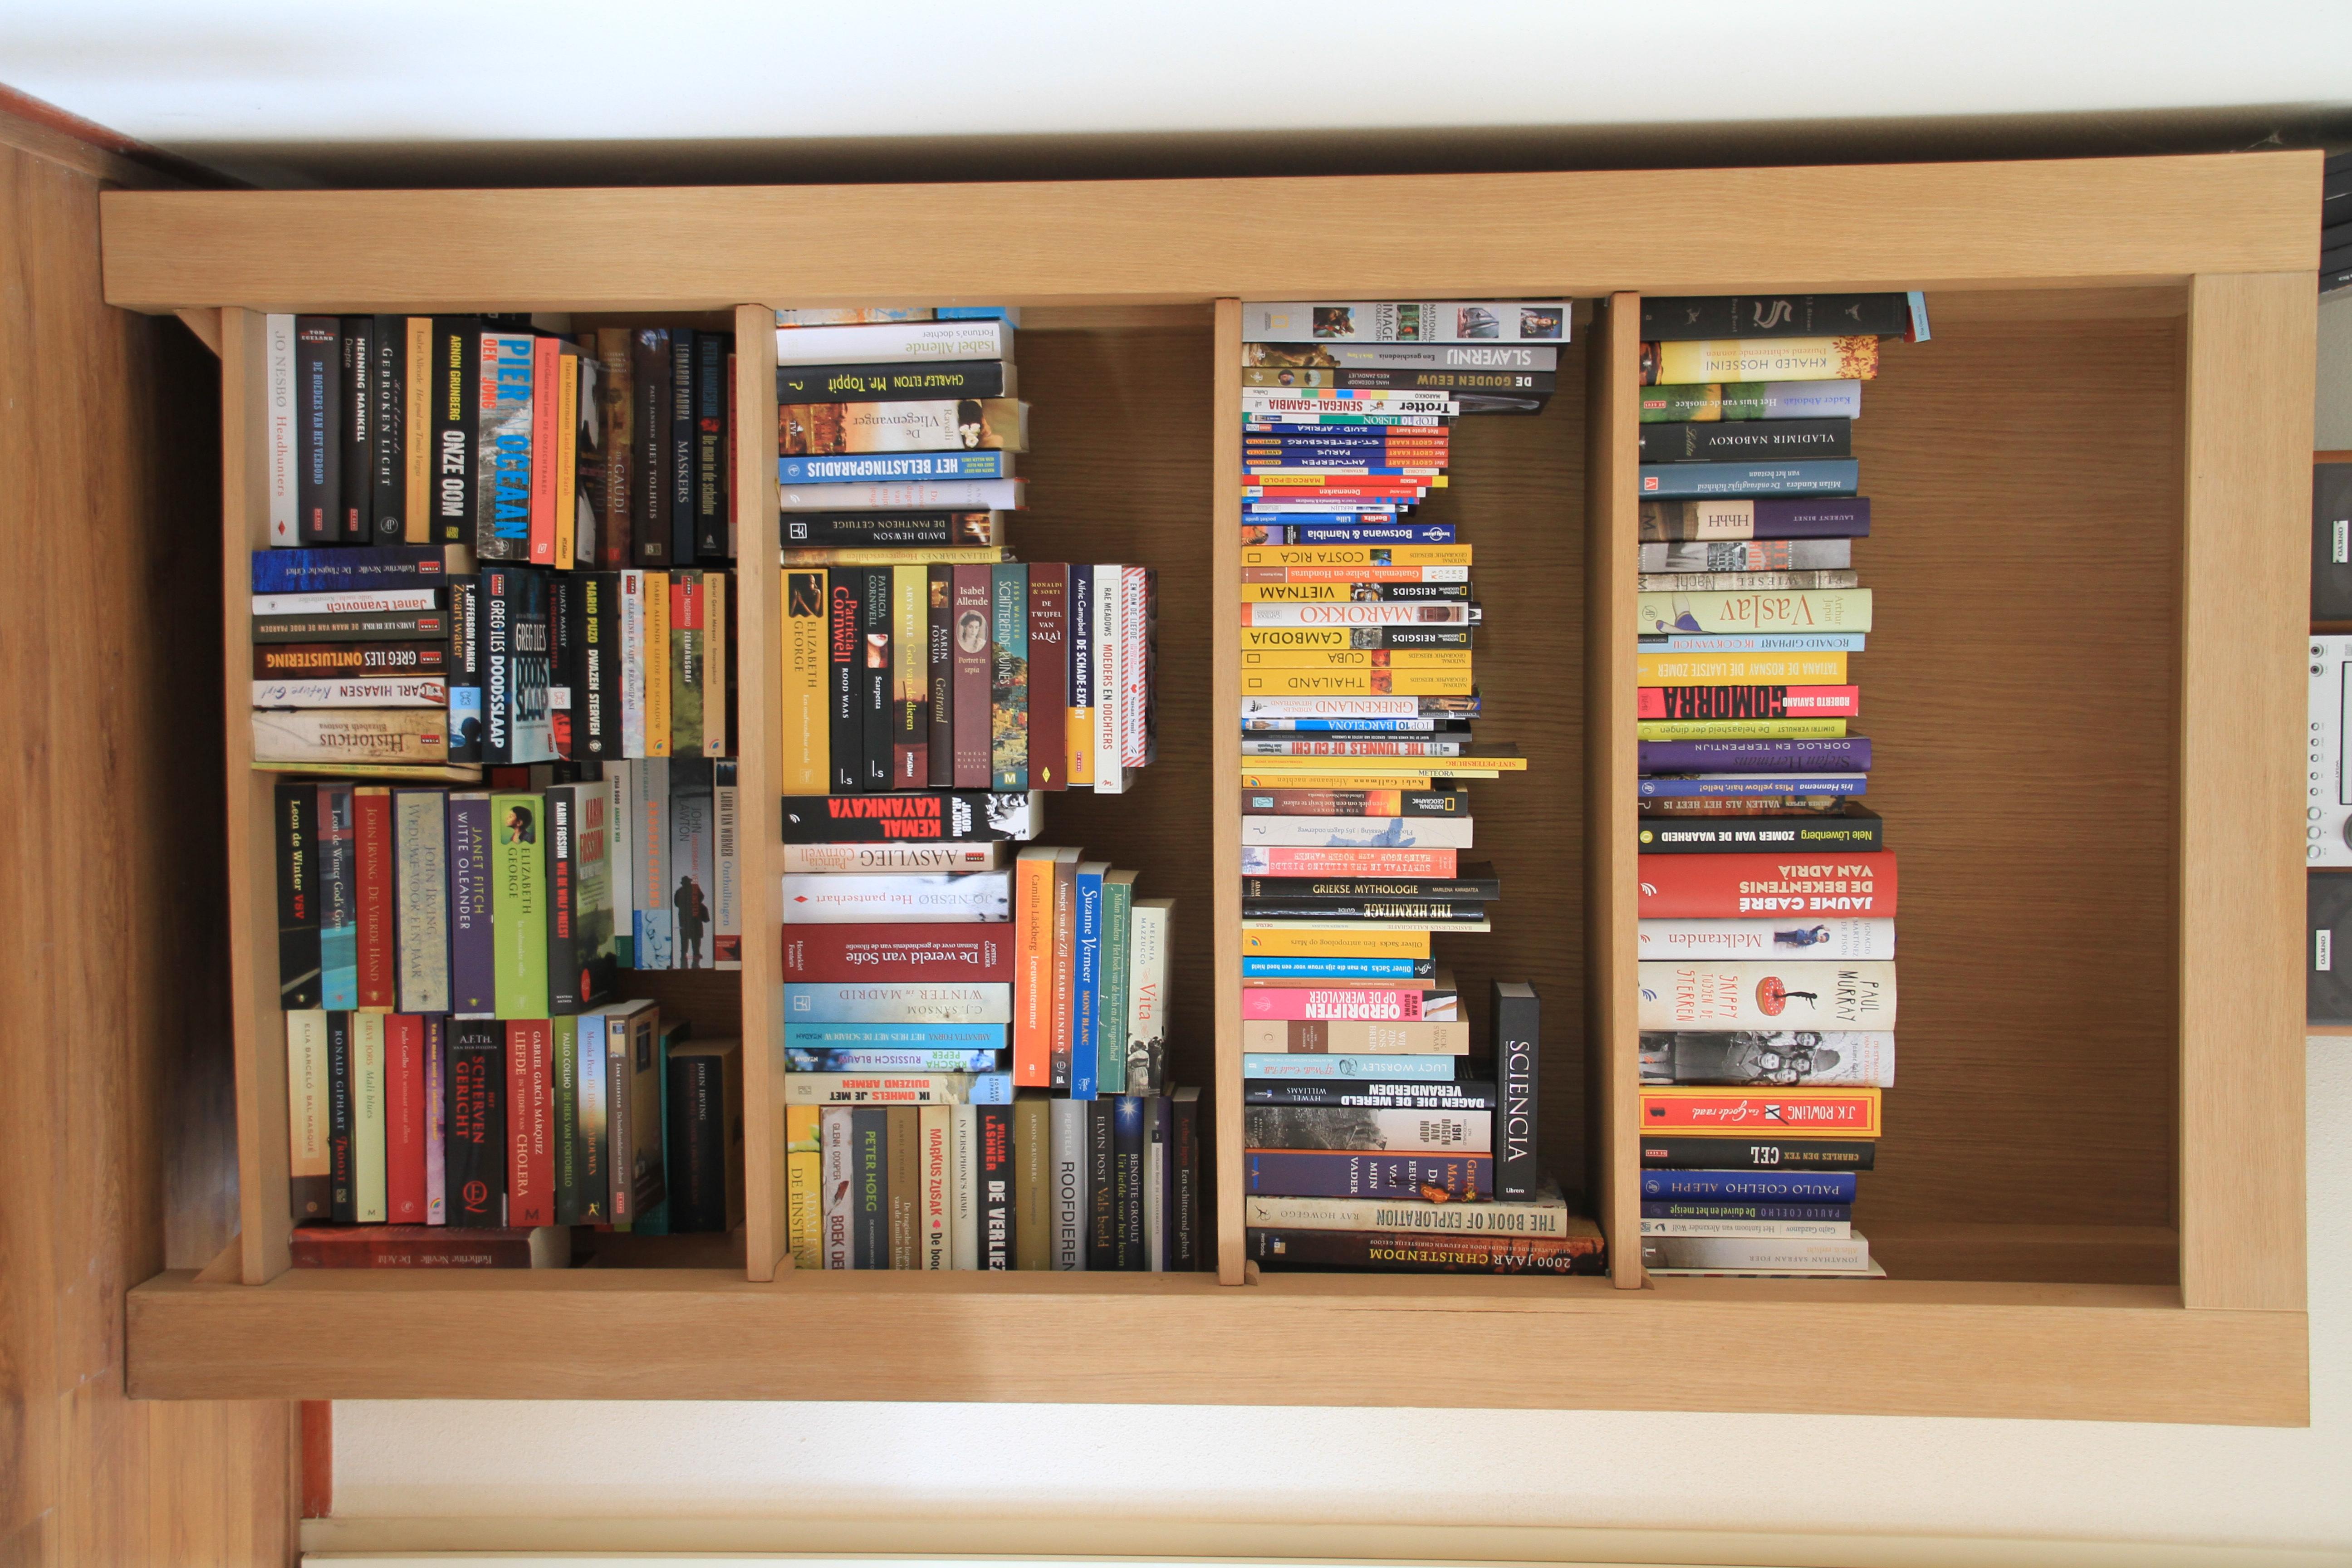 Boekenkast In Woonkamer : Woonkamer met moderne boekenkast stock illustratie illustratie